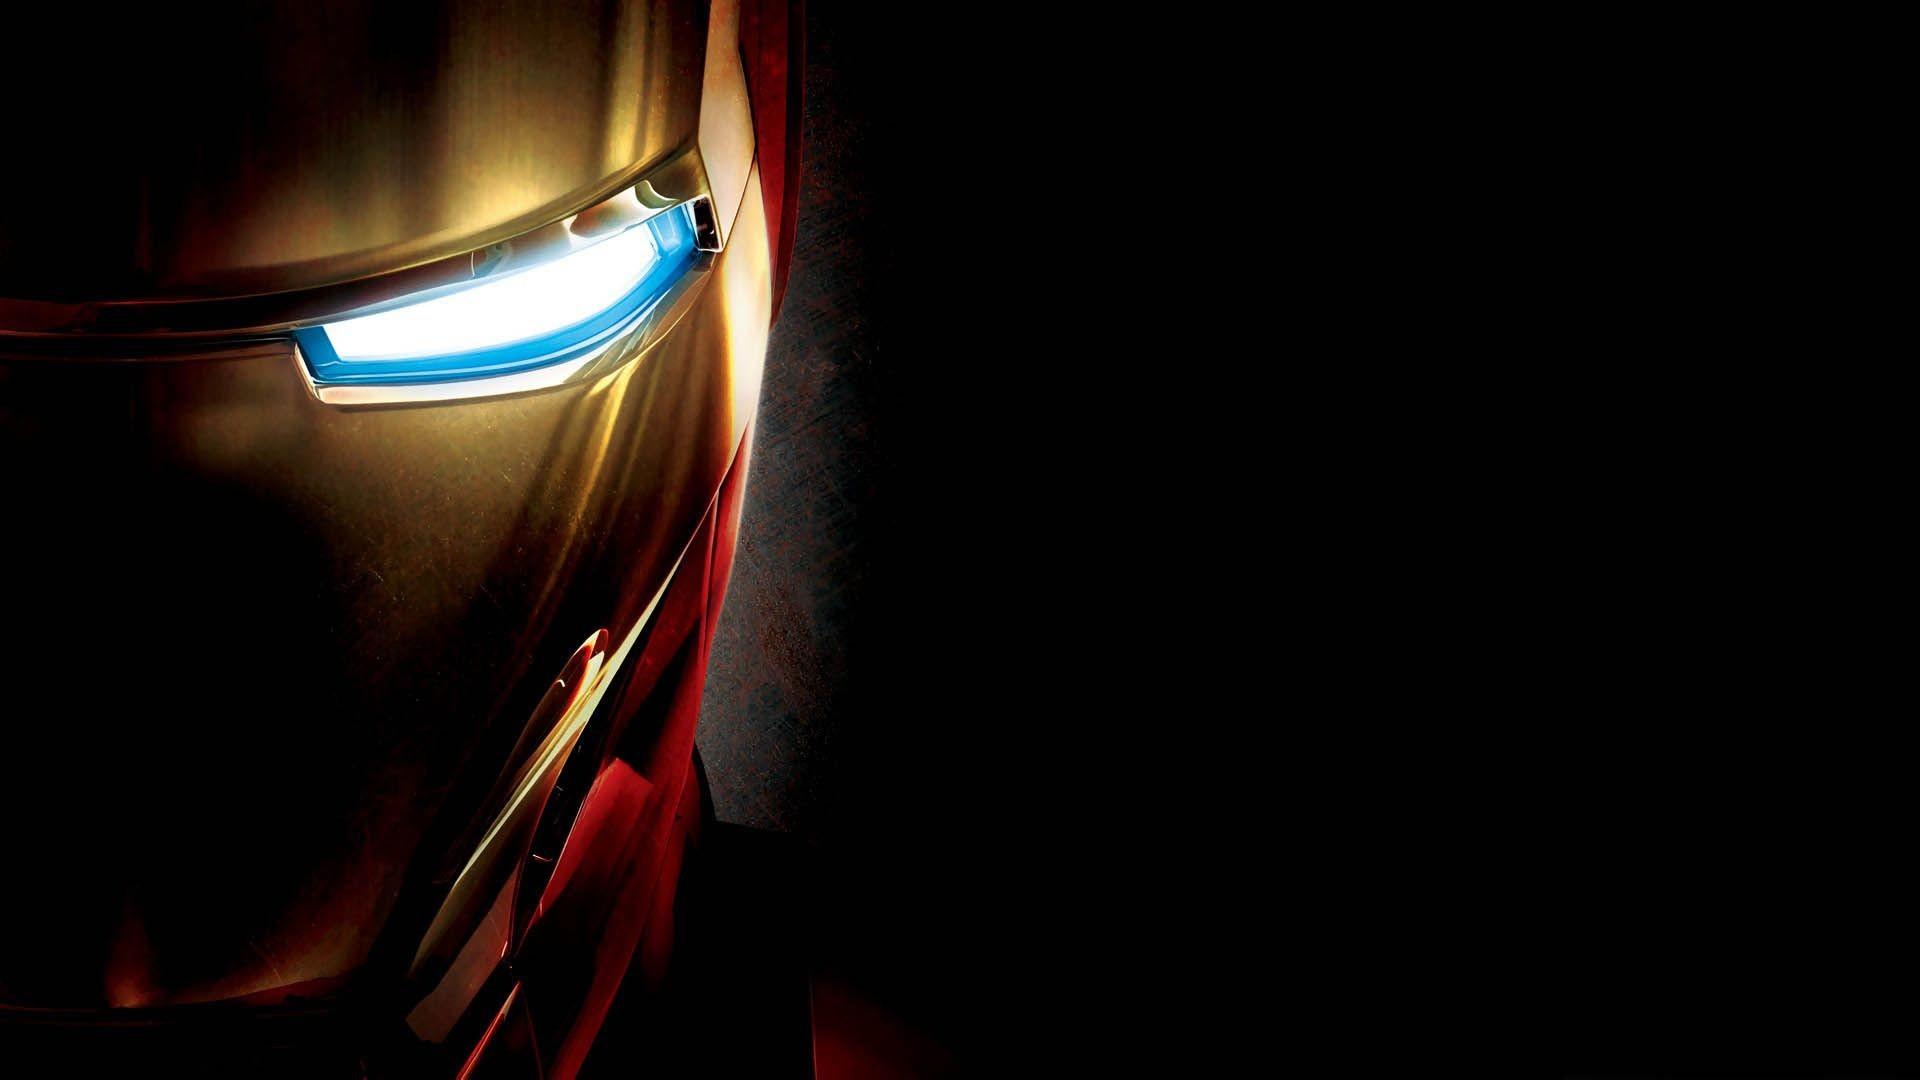 Iron Man Wallpapers Free